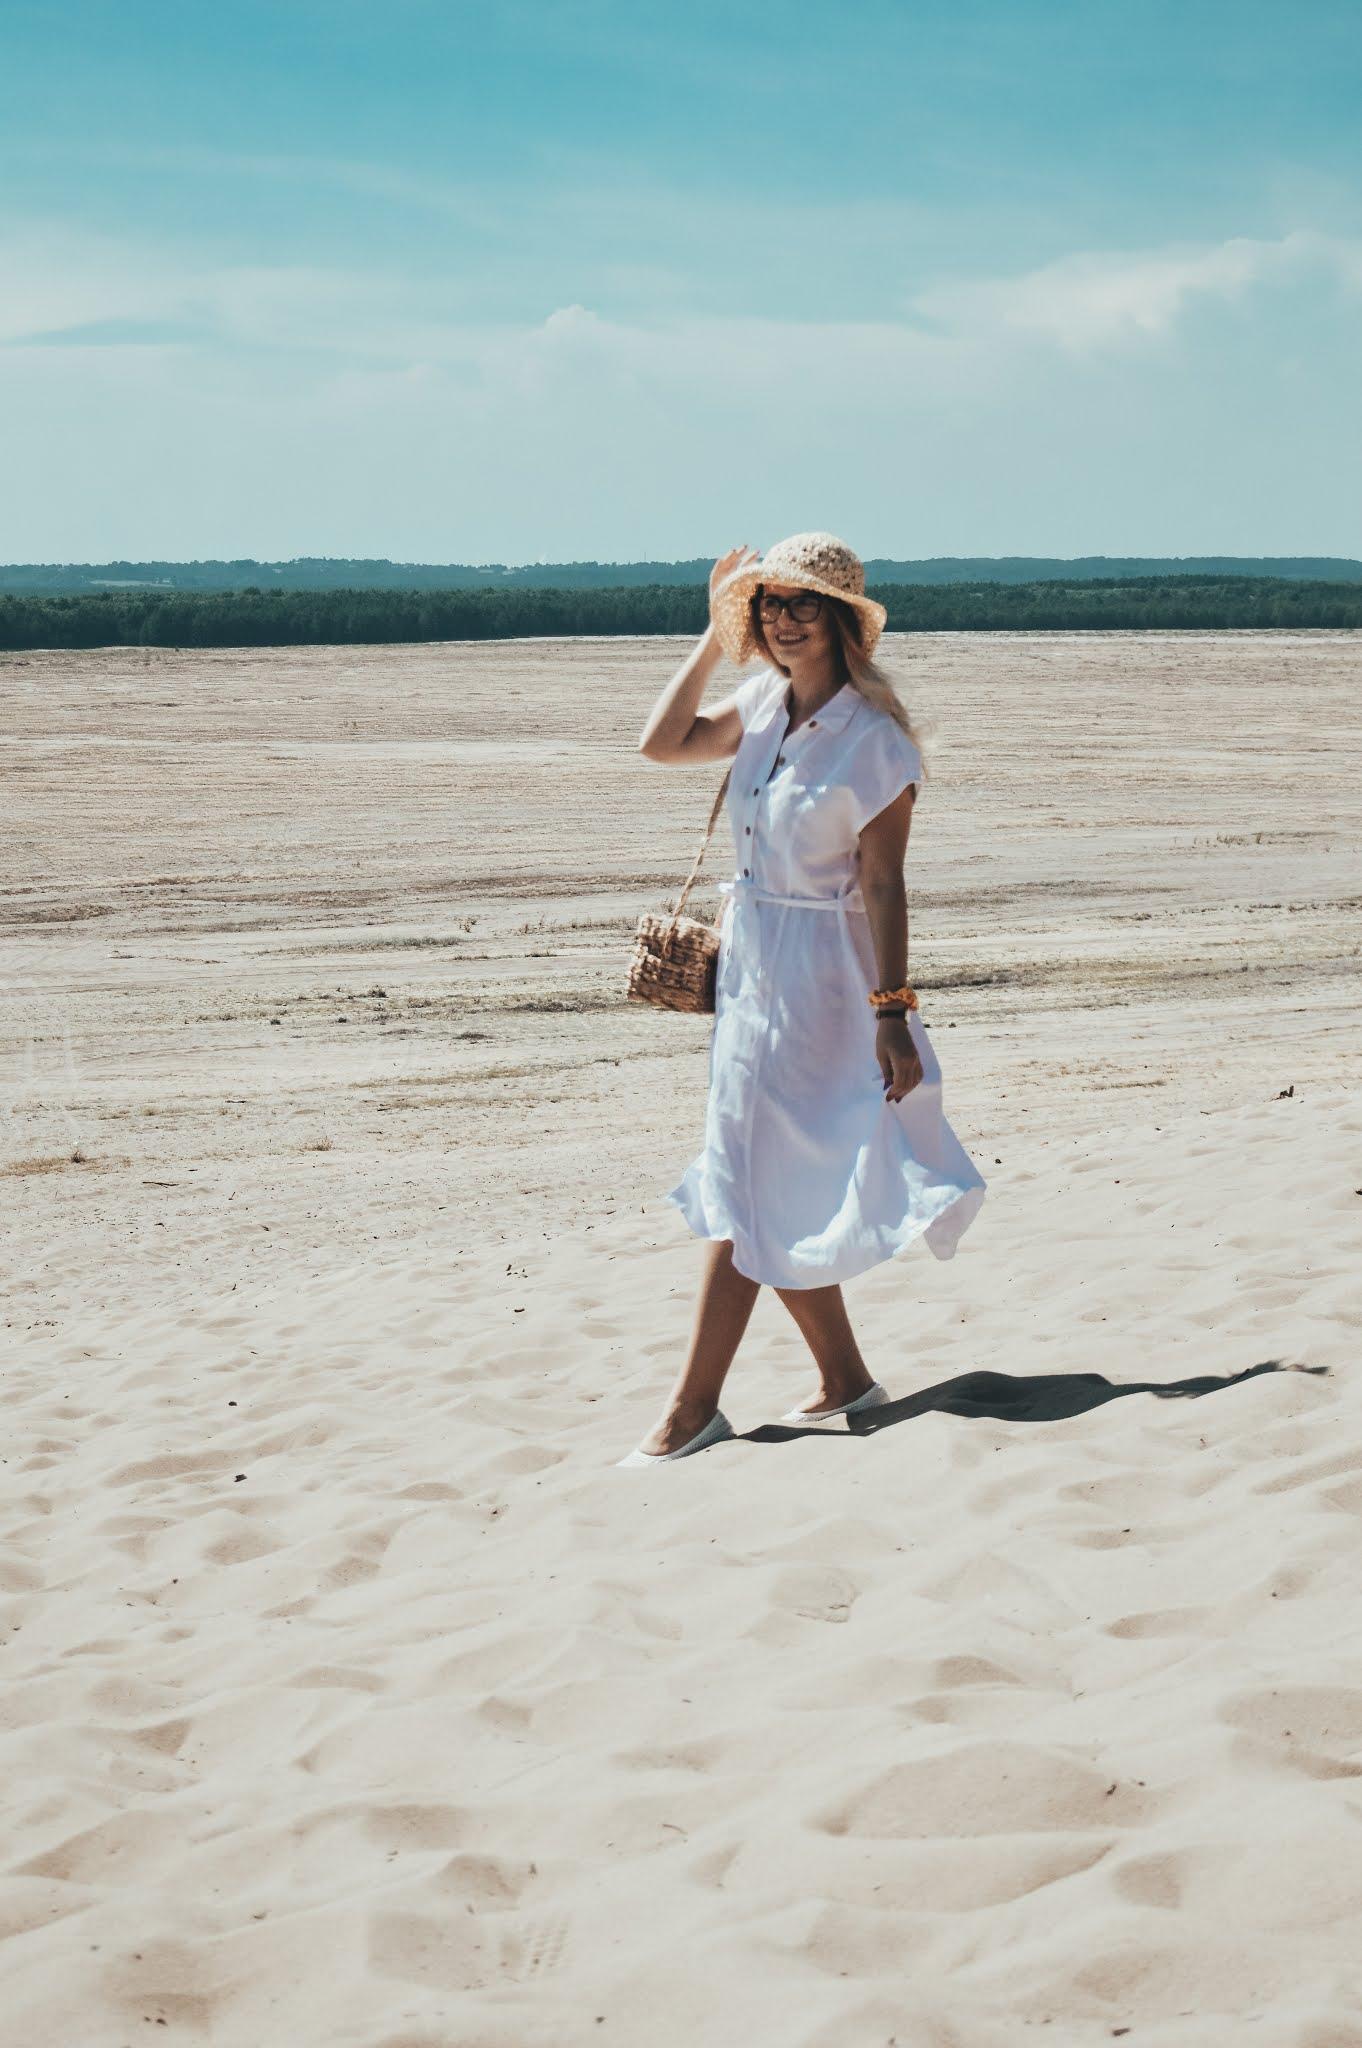 Lniana sukienka Mango, pleciony koszyk, pleciony kapelusz gdzie kupić